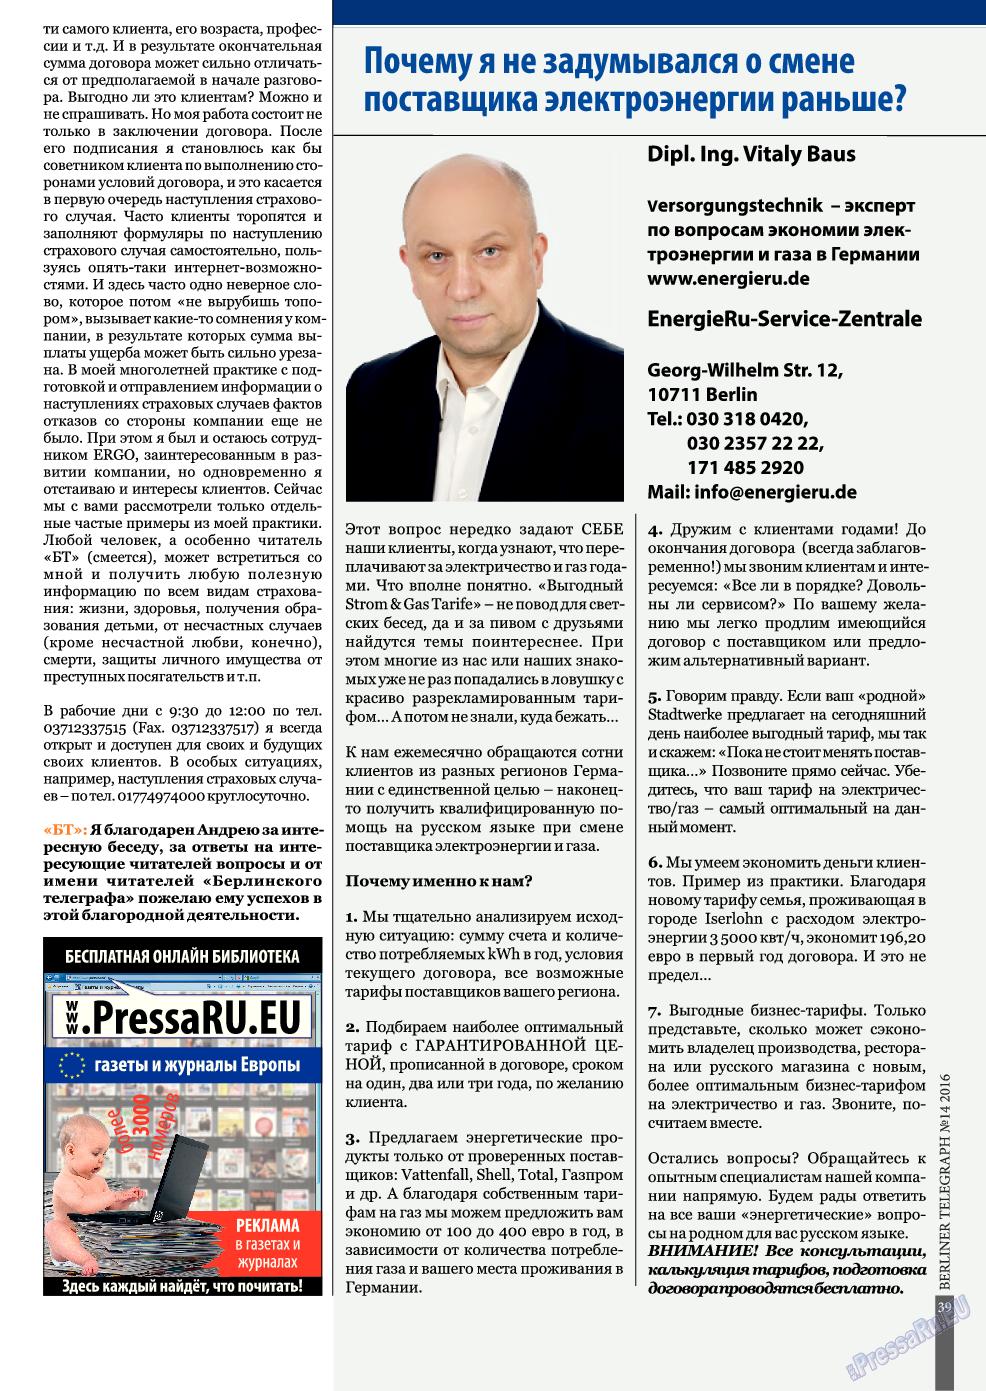 Берлинский телеграф (журнал). 2016 год, номер 14, стр. 39